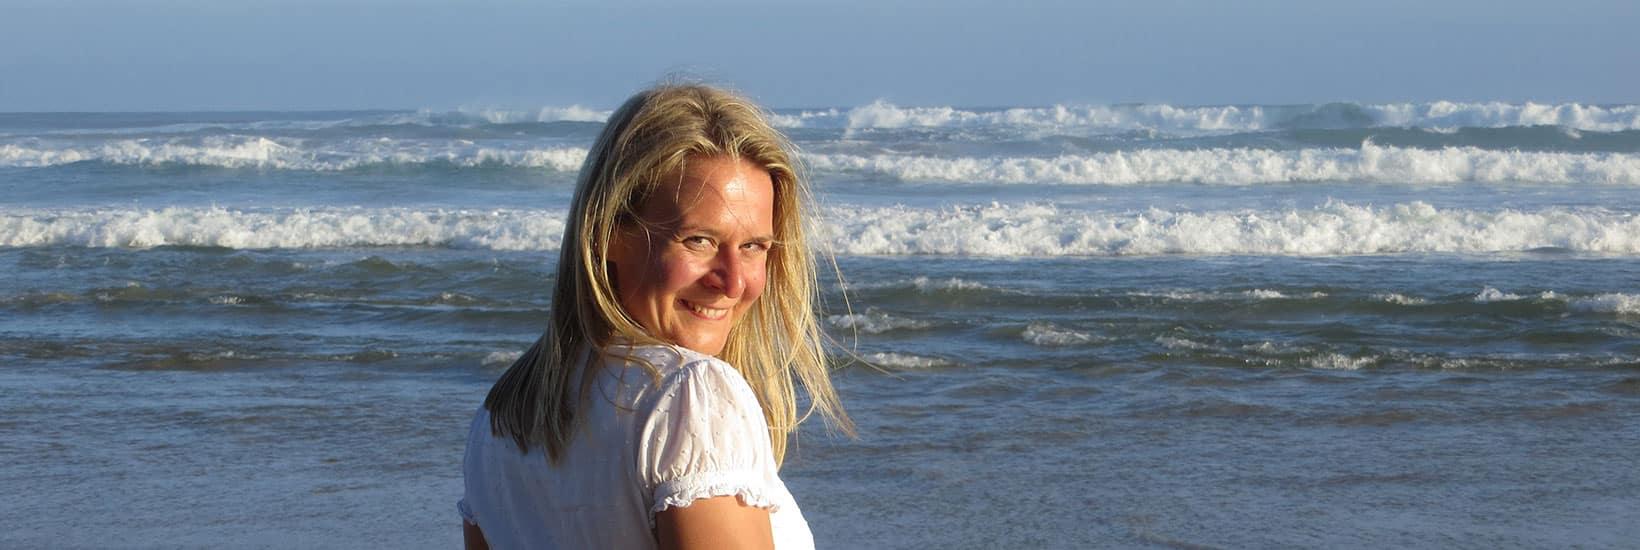 Melanie Binders Profil und Weg zum Coach